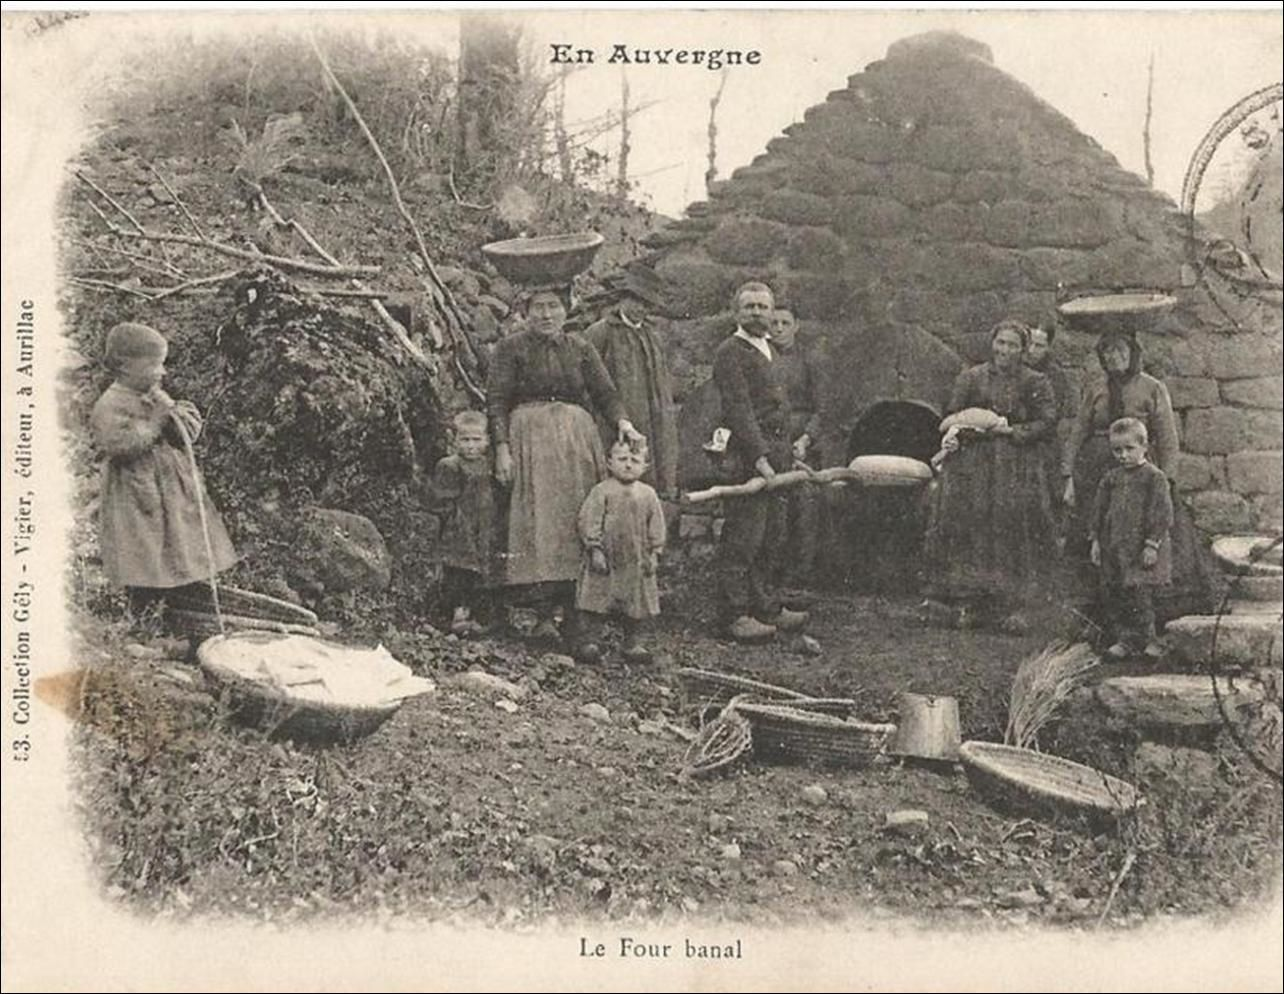 Auvergne d'autrefois: Le pain et le four